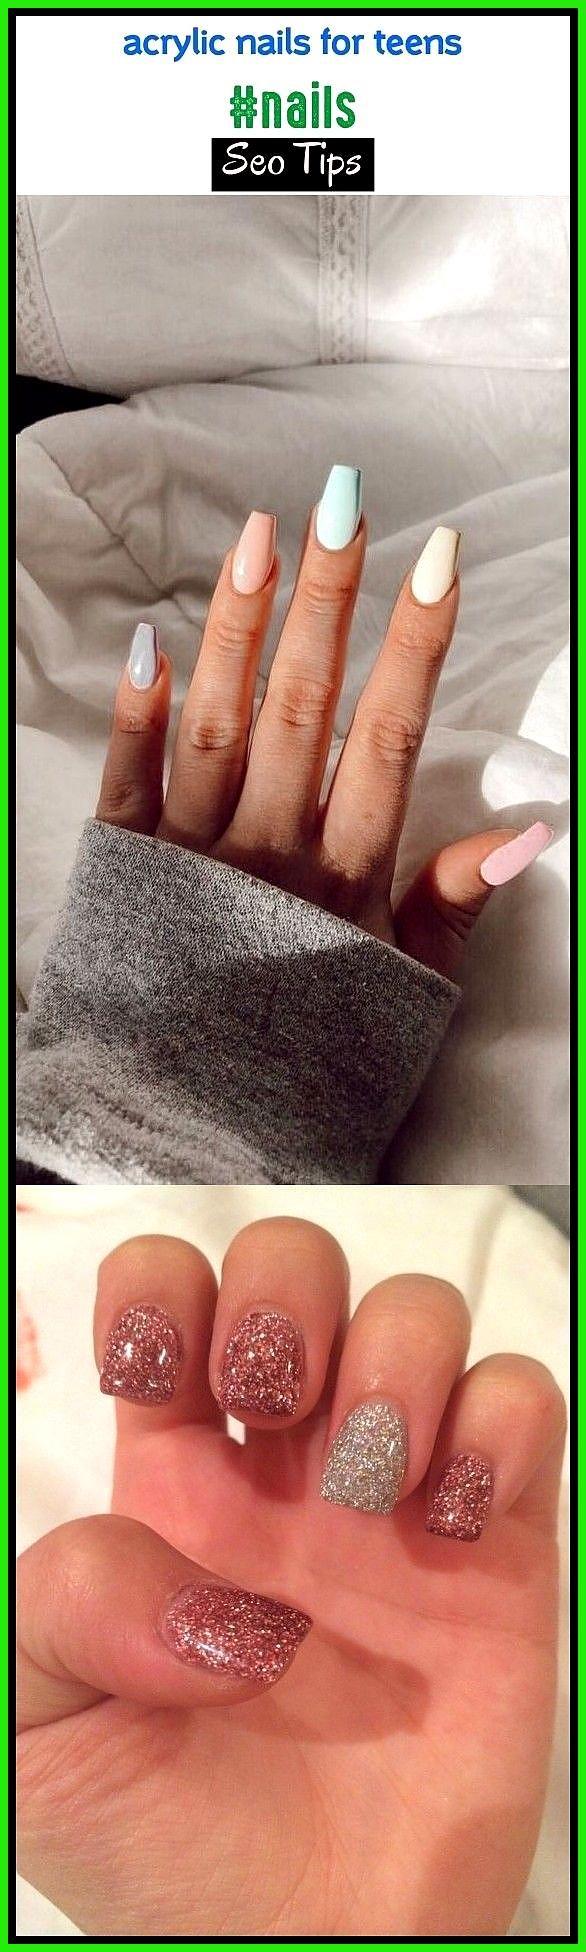 Acrylic nails for teens nails seo beauty acrylic nails coffin acrylic nails shor…